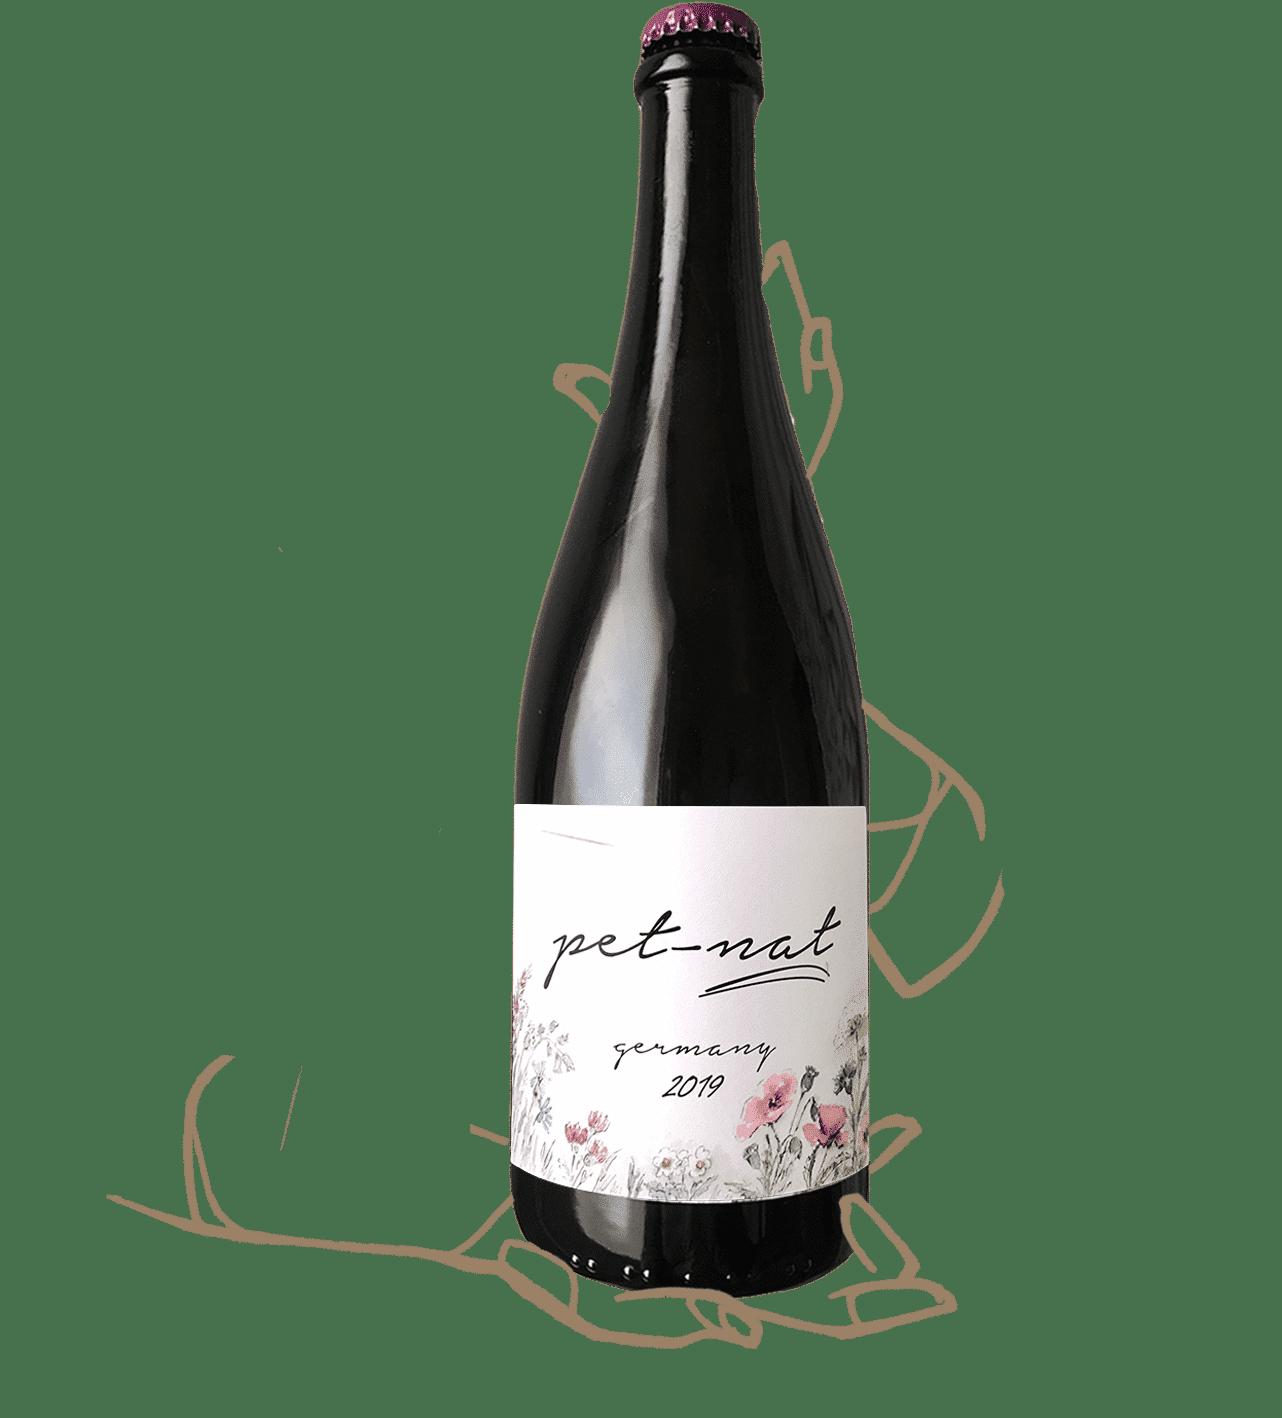 Pet Nat des frères Brand Bros, vin naturel d'allemagne